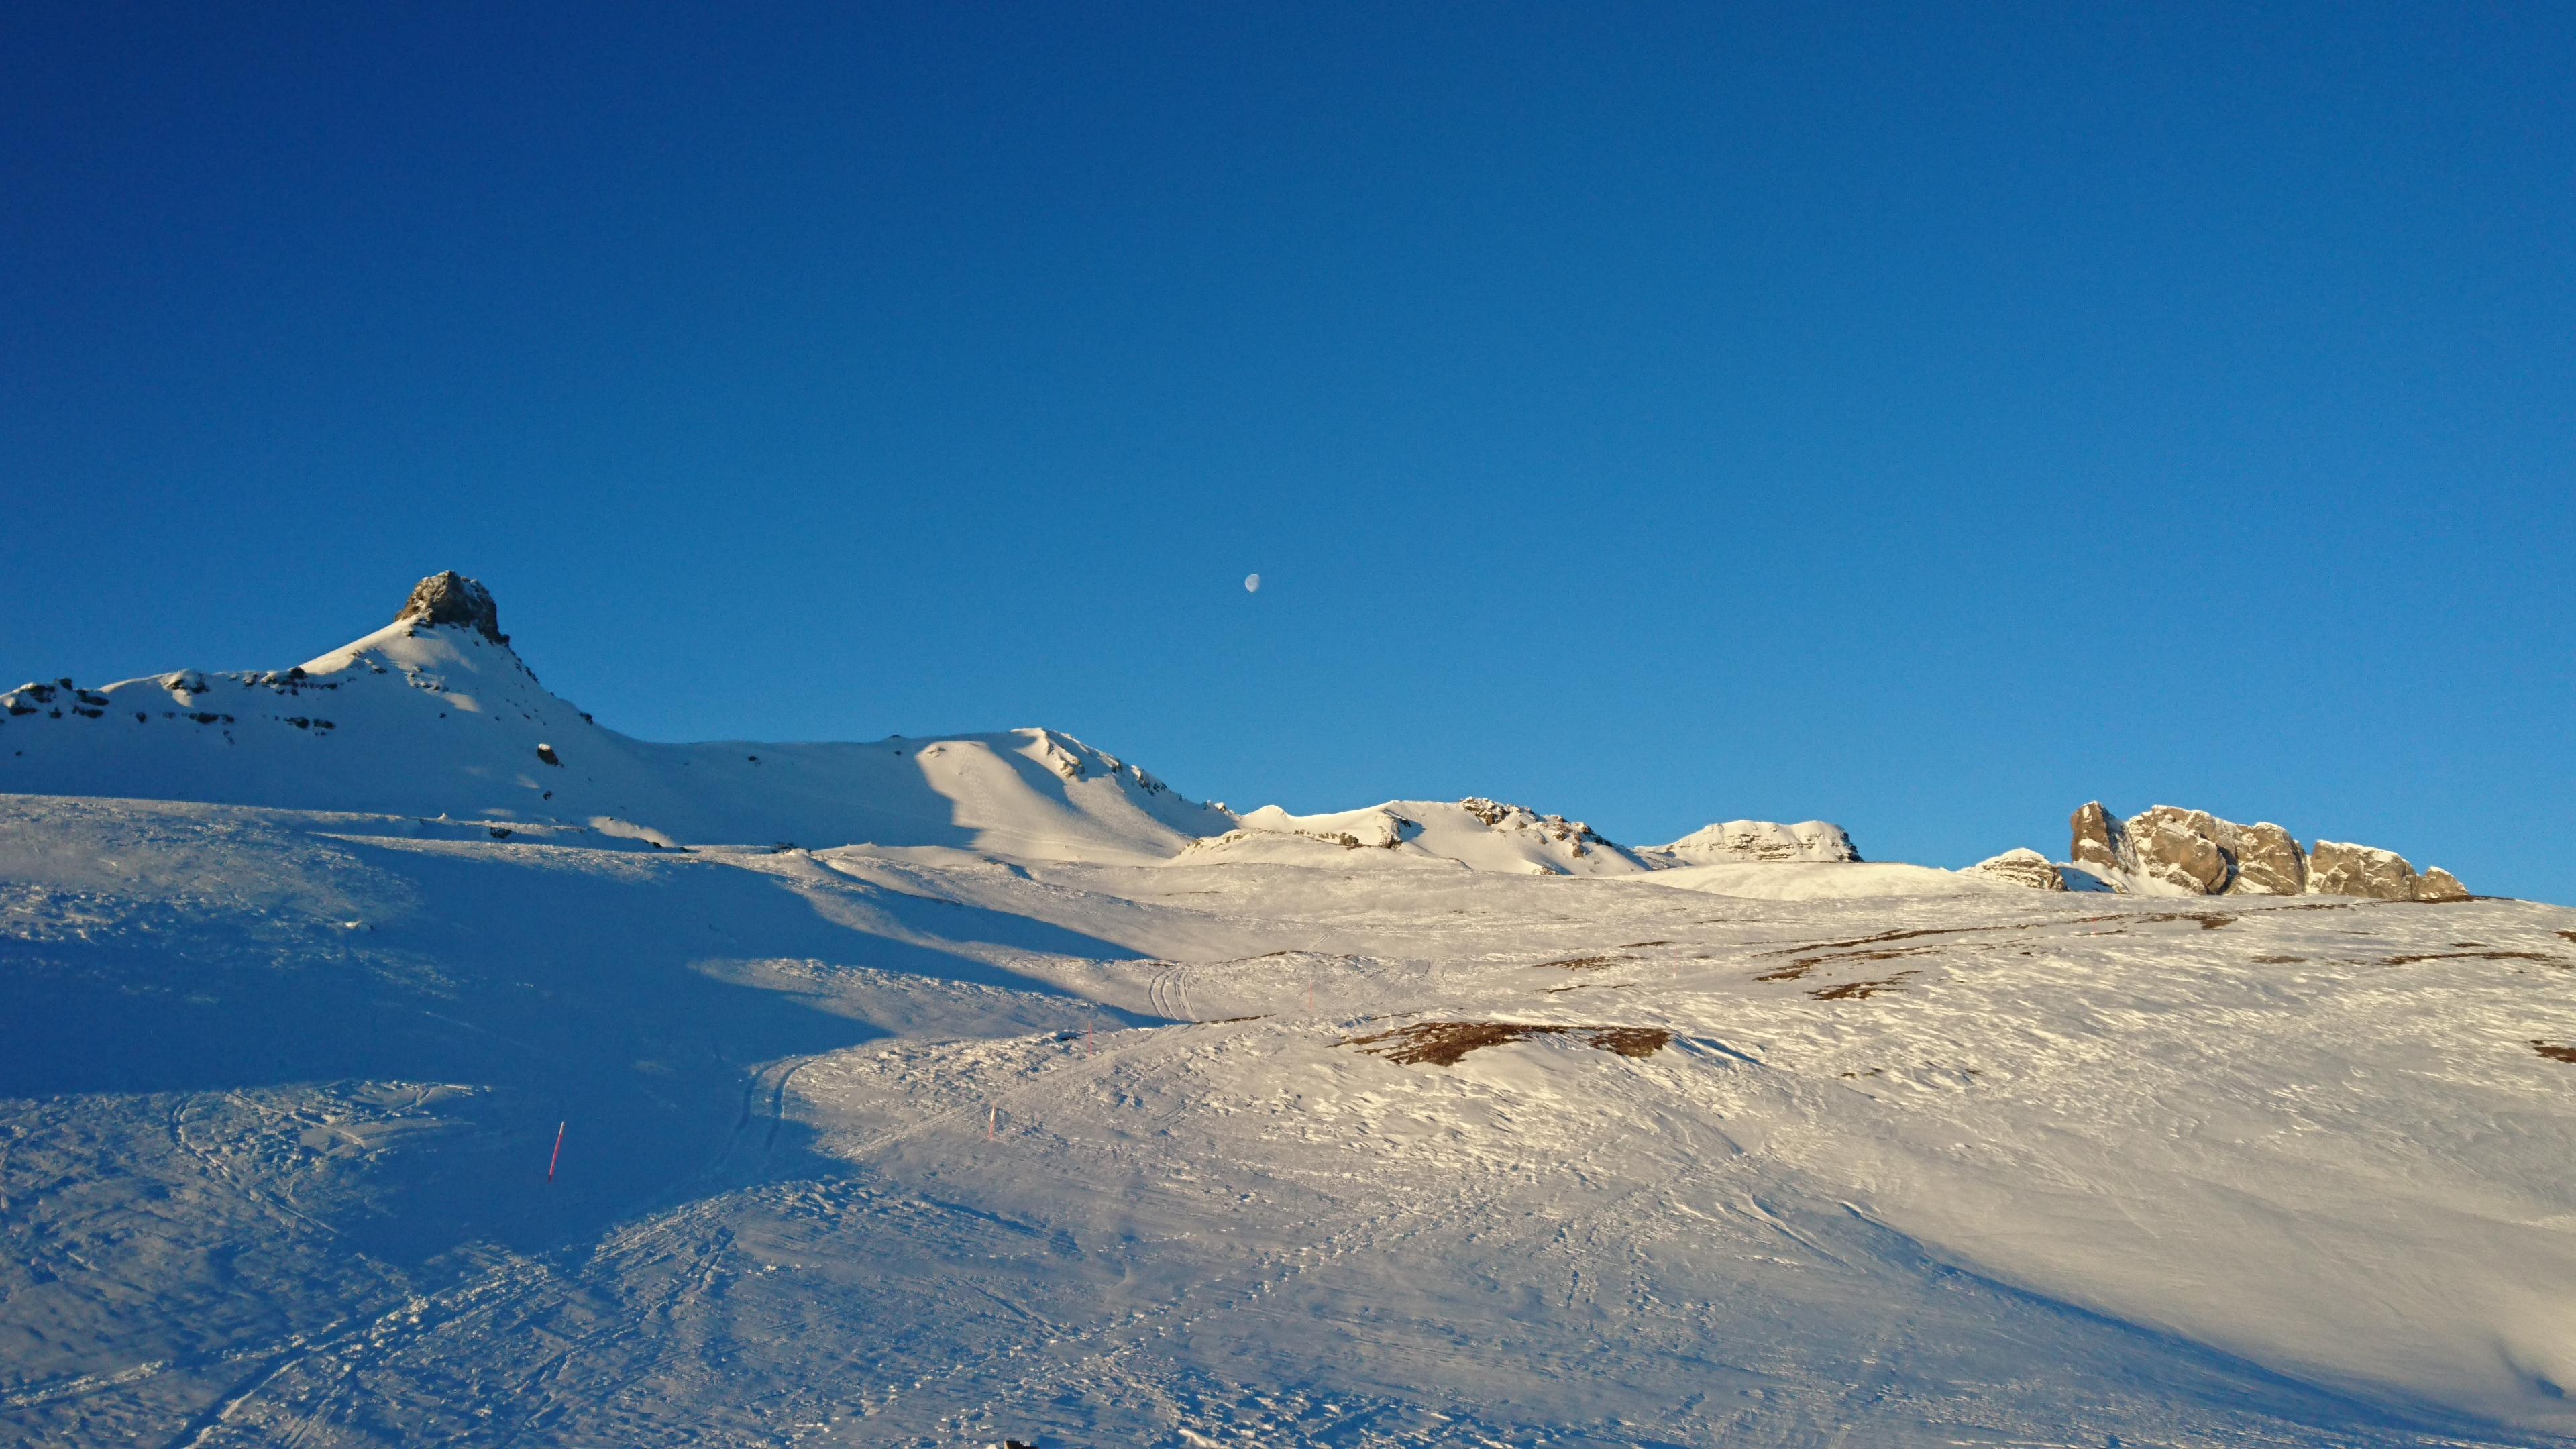 Schneeschuhtour zur Spitzmeilenhütte